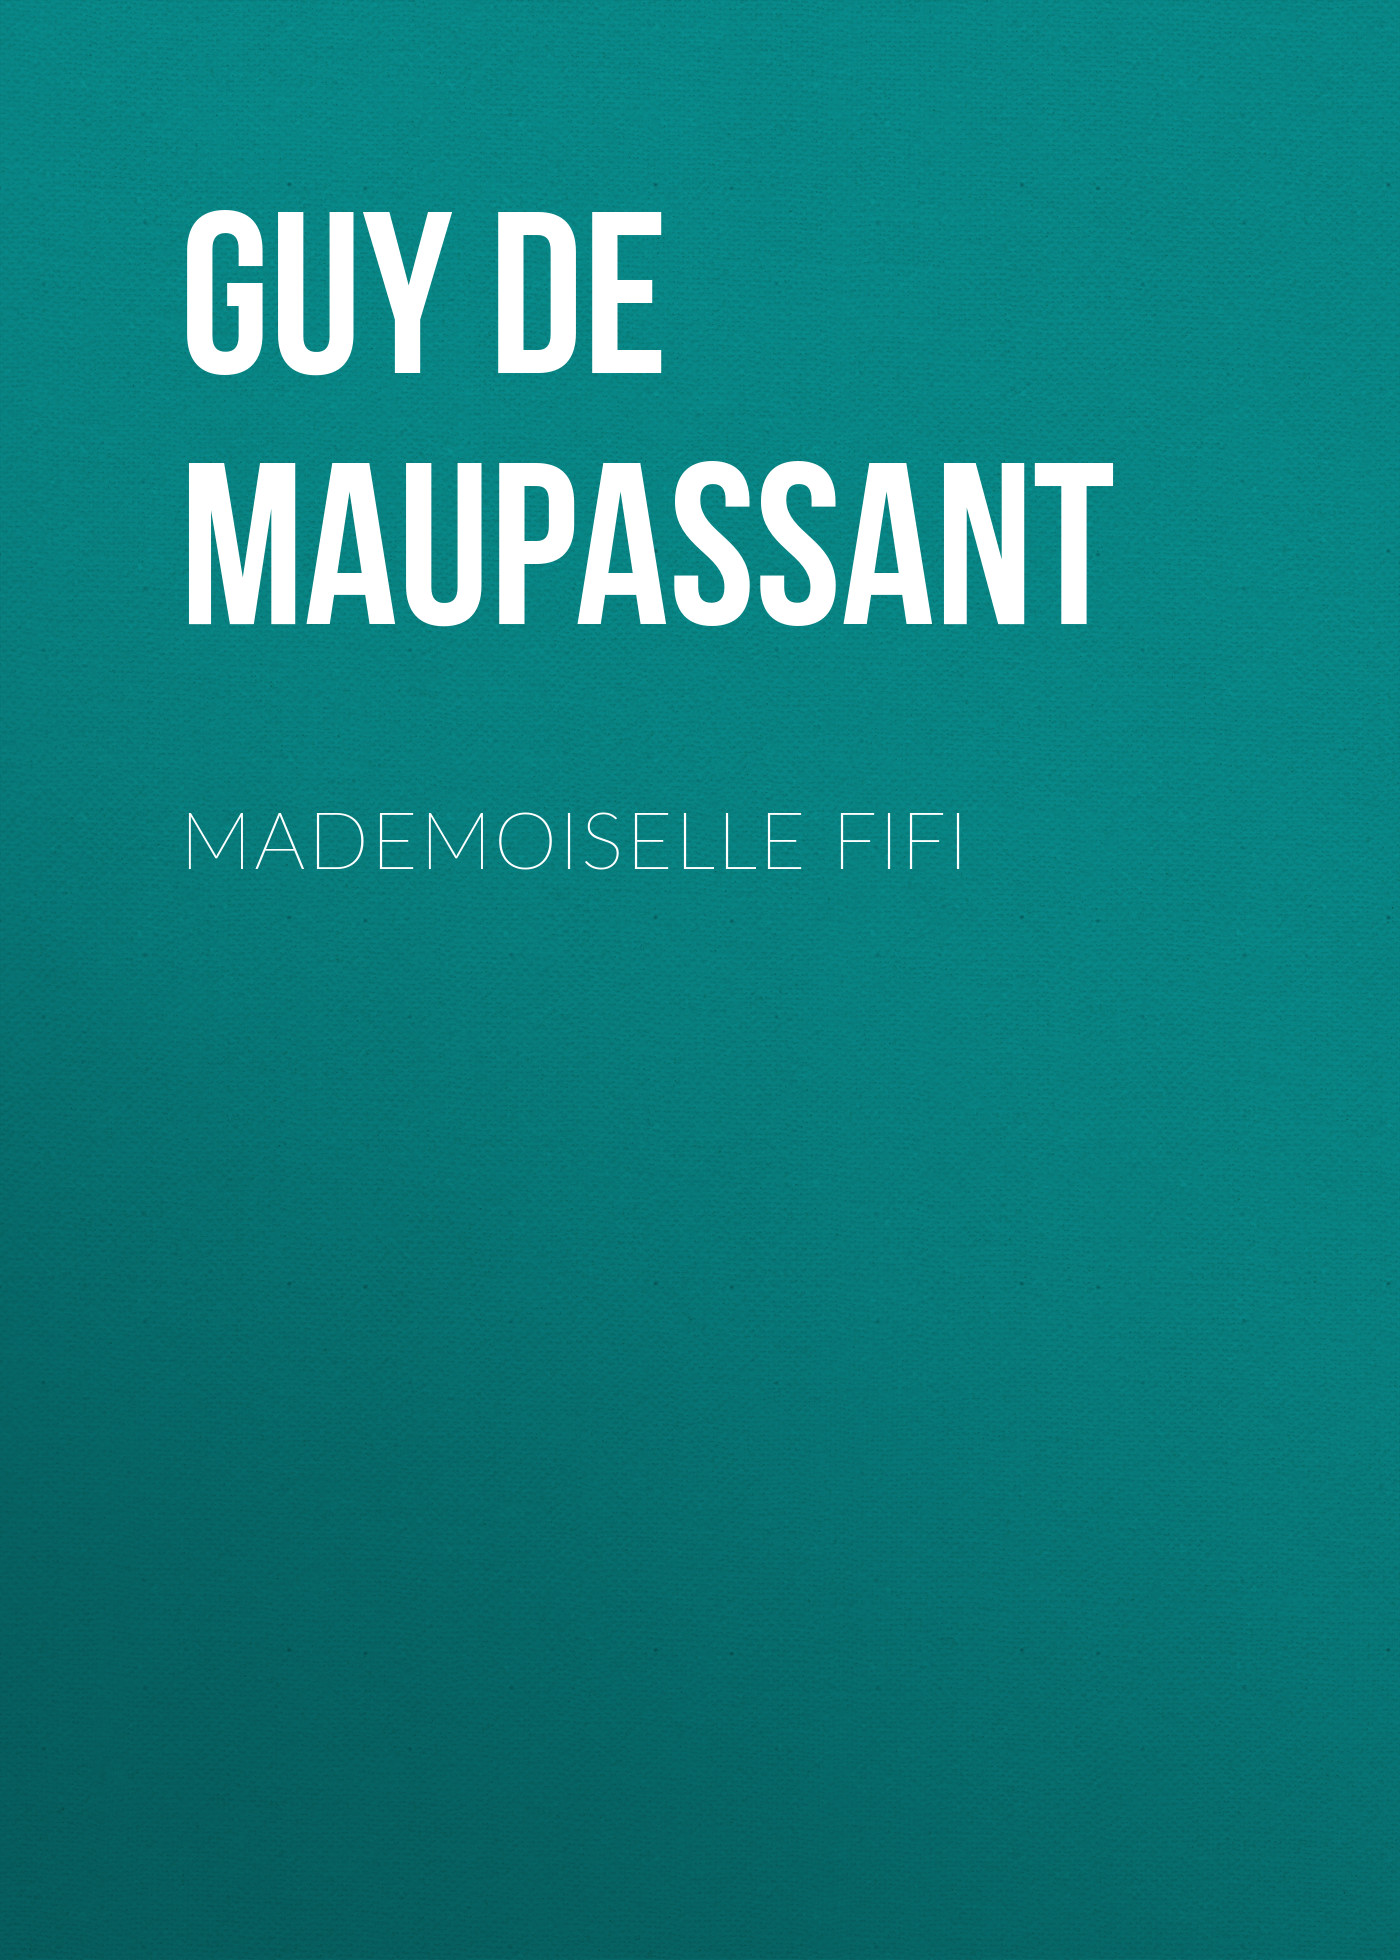 Ги де Мопассан Mademoiselle Fifi комбинезон fifi lakres одежда повседневная на каждый день